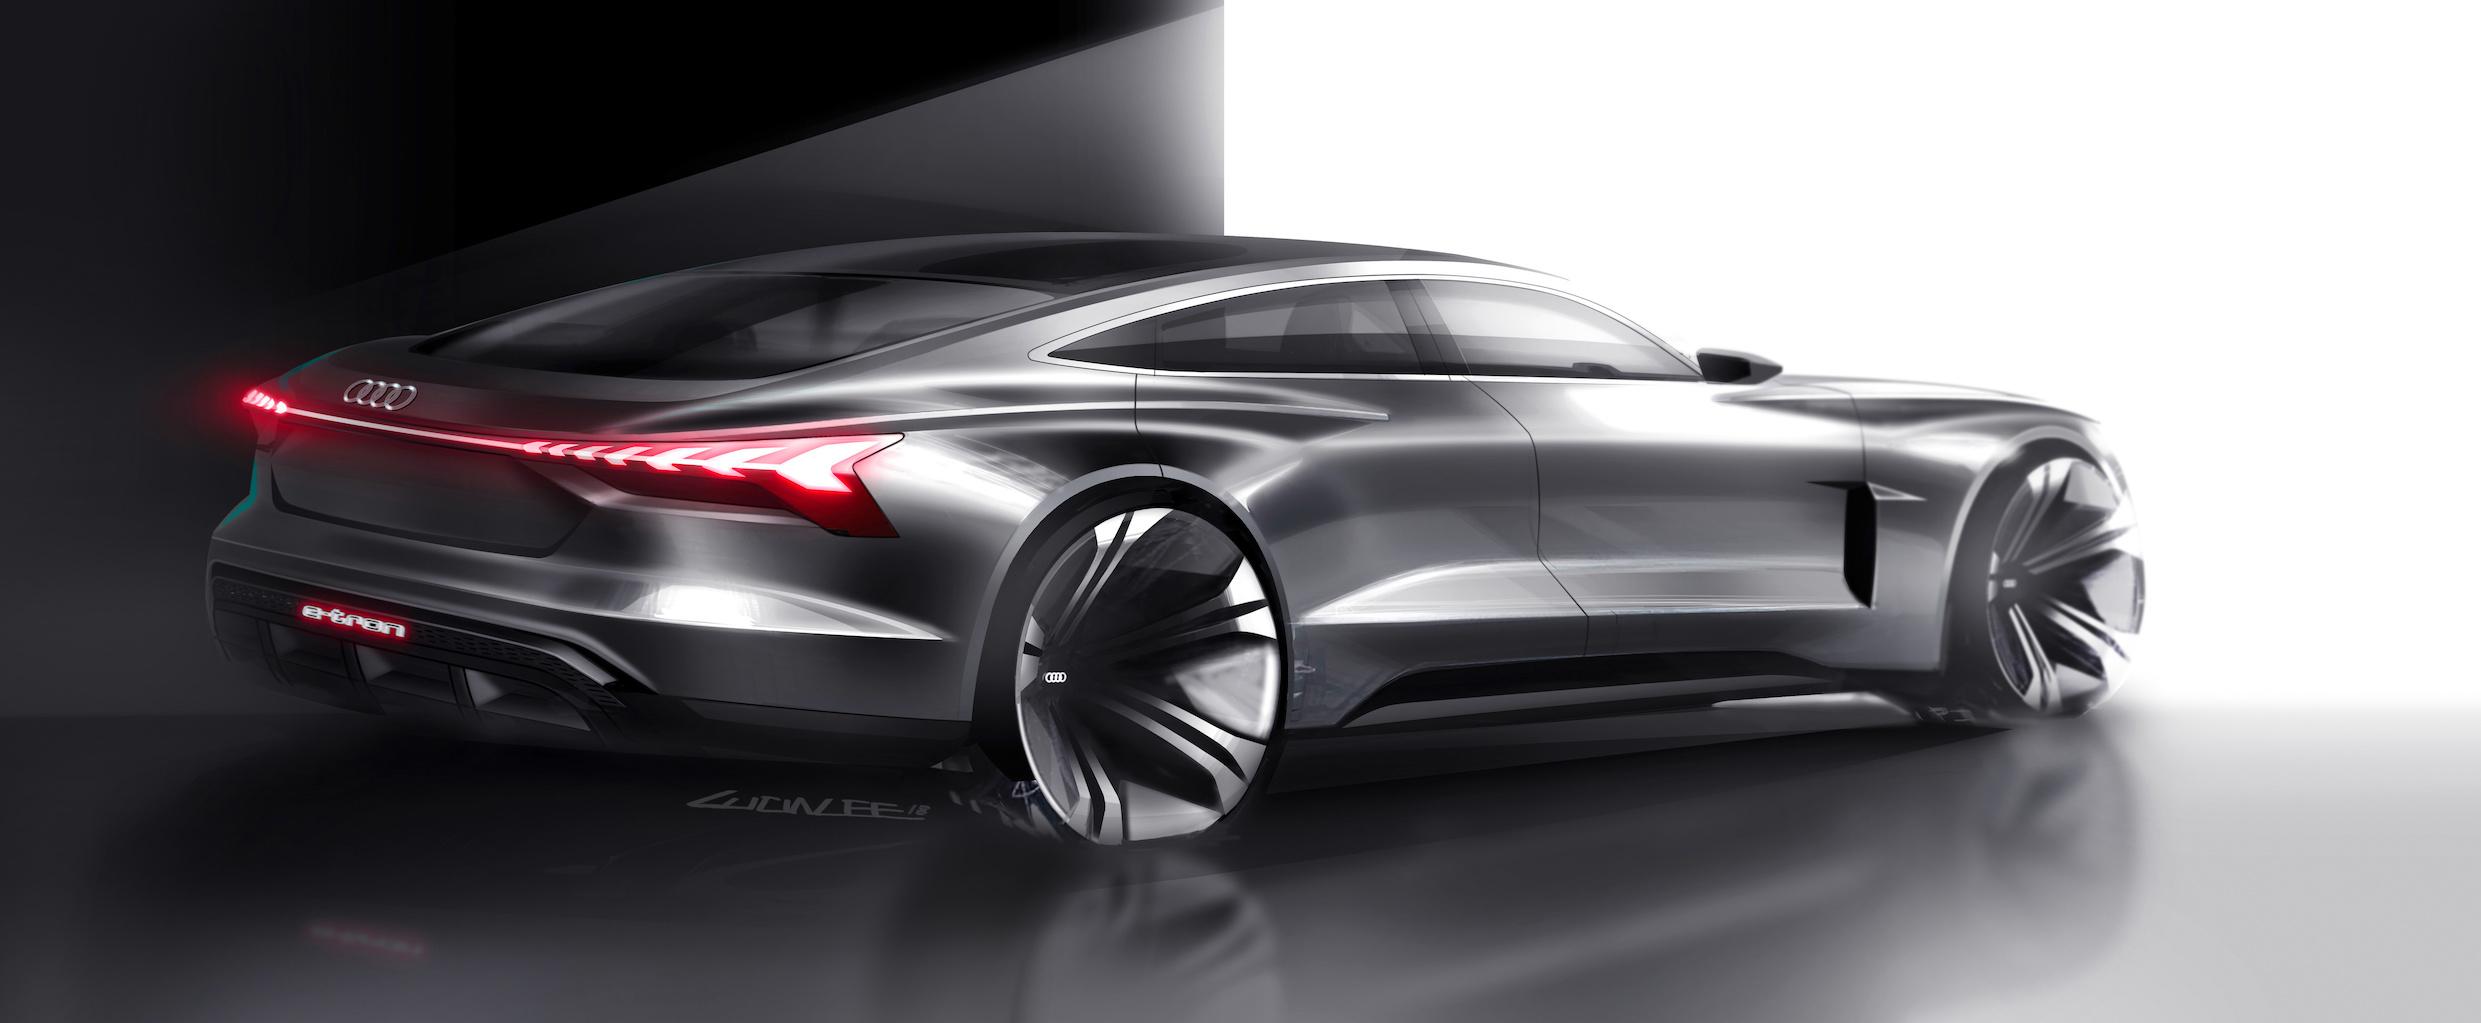 L'AUDI e-tron concept GT, nouvelle étape 100% électrique du groupe VW